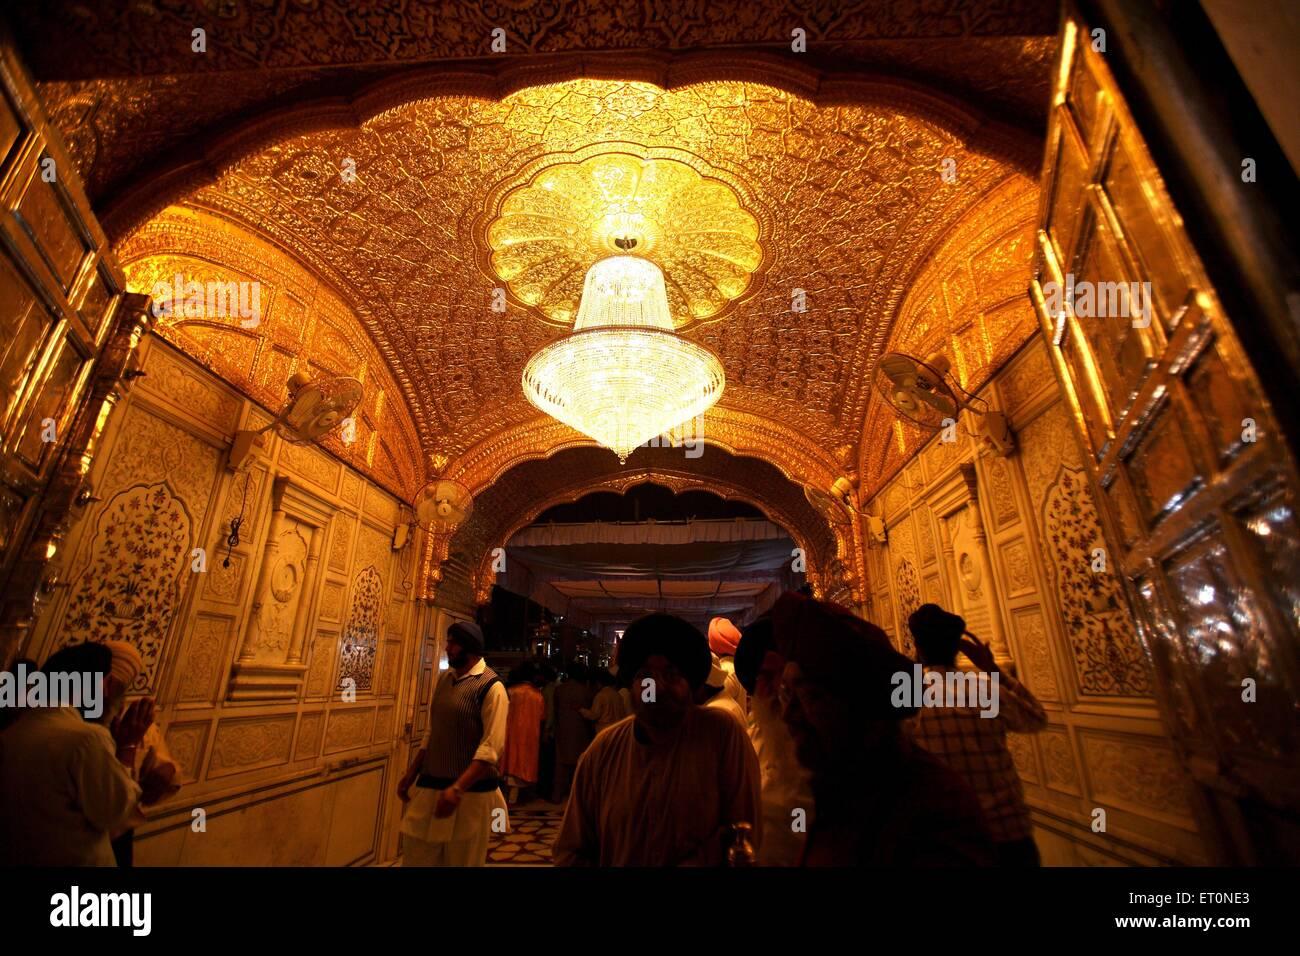 anhnger unter kronleuchter in harmandir sahib oder darbar sahib oder goldenen tempel in amritsar steht punjab indien - Kronleuchter In Indien